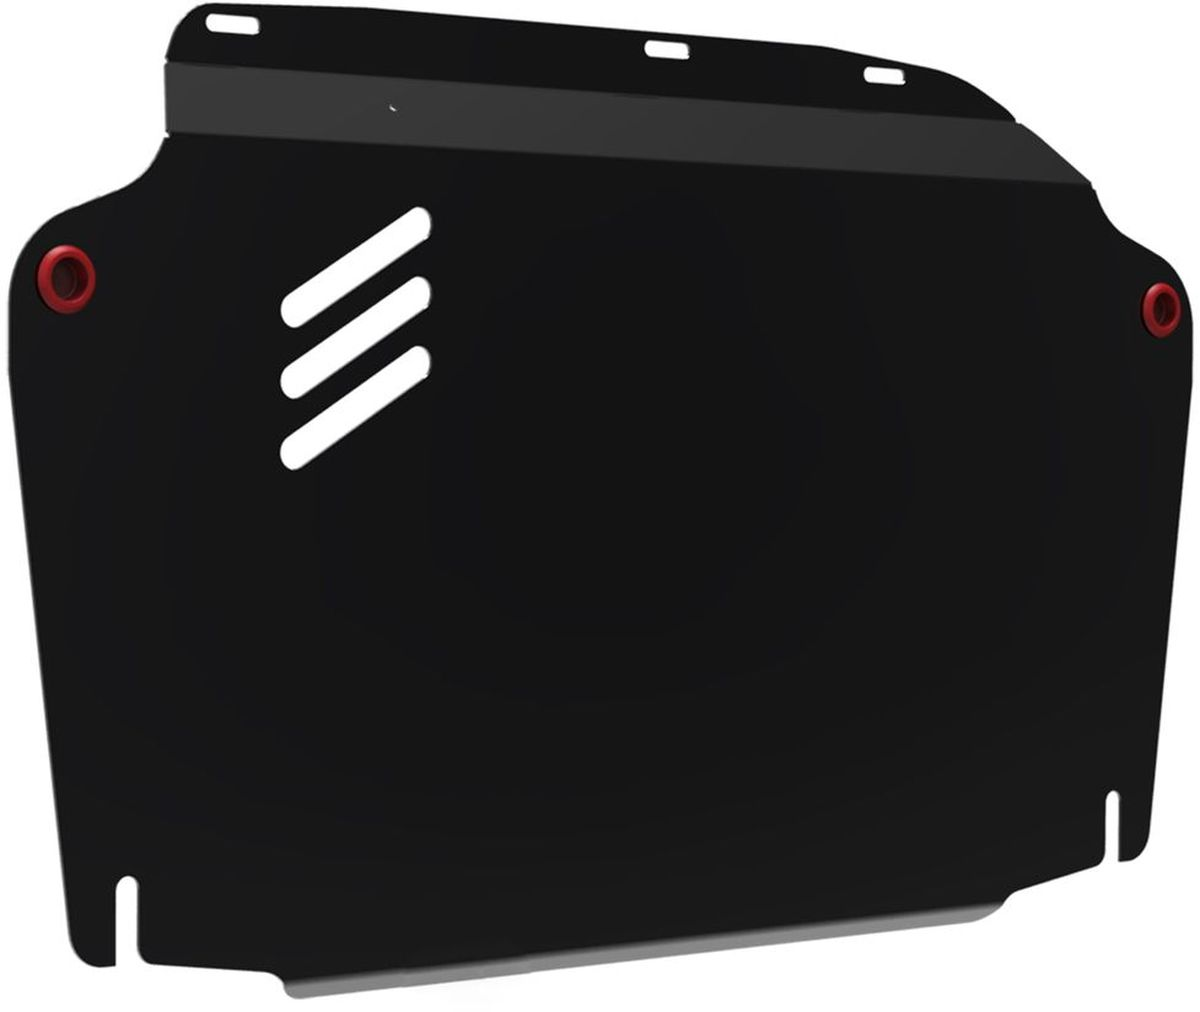 Защита картера и КПП Автоброня, для Hyundai Elantra/i30/Kia Ceed/Cerato. 111.02302.2DW90Технологически совершенный продукт за невысокую стоимость.Защита разработана с учетом особенностей днища автомобиля, что позволяет сохранить дорожный просвет с минимальным изменением.Защита устанавливается в штатные места кузова автомобиля. Глубокий штамп обеспечивает до двух раз больше жесткости в сравнении с обычной защитой той же толщины. Проштампованные ребра жесткости препятствуют деформации защиты при ударах.Тепловой зазор и вентиляционные отверстия обеспечивают сохранение температурного режима двигателя в норме. Скрытый крепеж предотвращает срыв крепежных элементов при наезде на препятствие.Шумопоглощающие резиновые элементы обеспечивают комфортную езду без вибраций и скрежета металла, а съемные лючки для слива масла и замены фильтра - экономию средств и время.Конструкция изделия не влияет на пассивную безопасность автомобиля (при ударе защита не воздействует на деформационные зоны кузова). Со штатным крепежом. В комплекте инструкция по установке.Толщина стали: 2 мм.